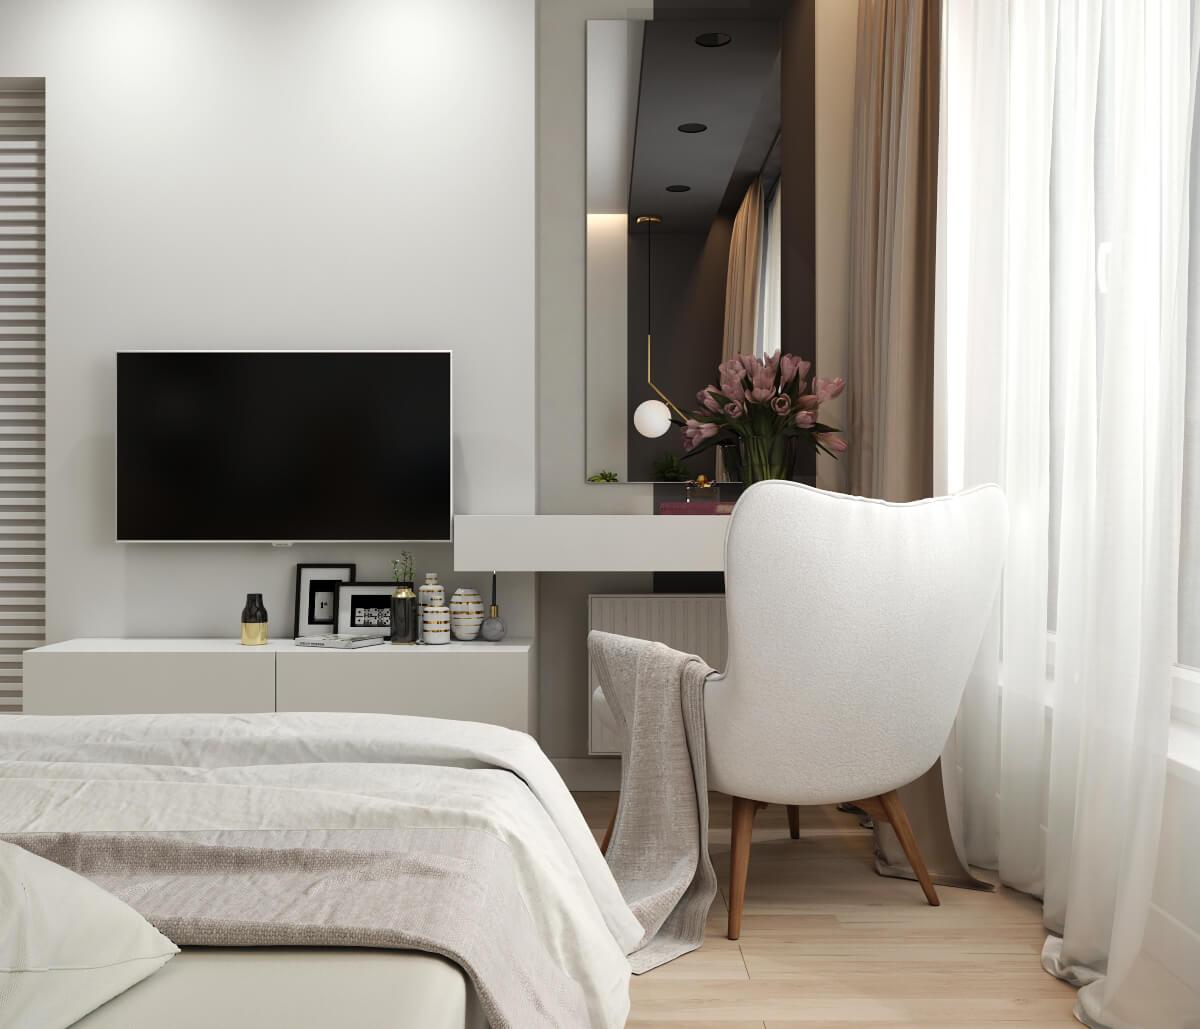 Спальня. Зона ТВ и туалетный столик